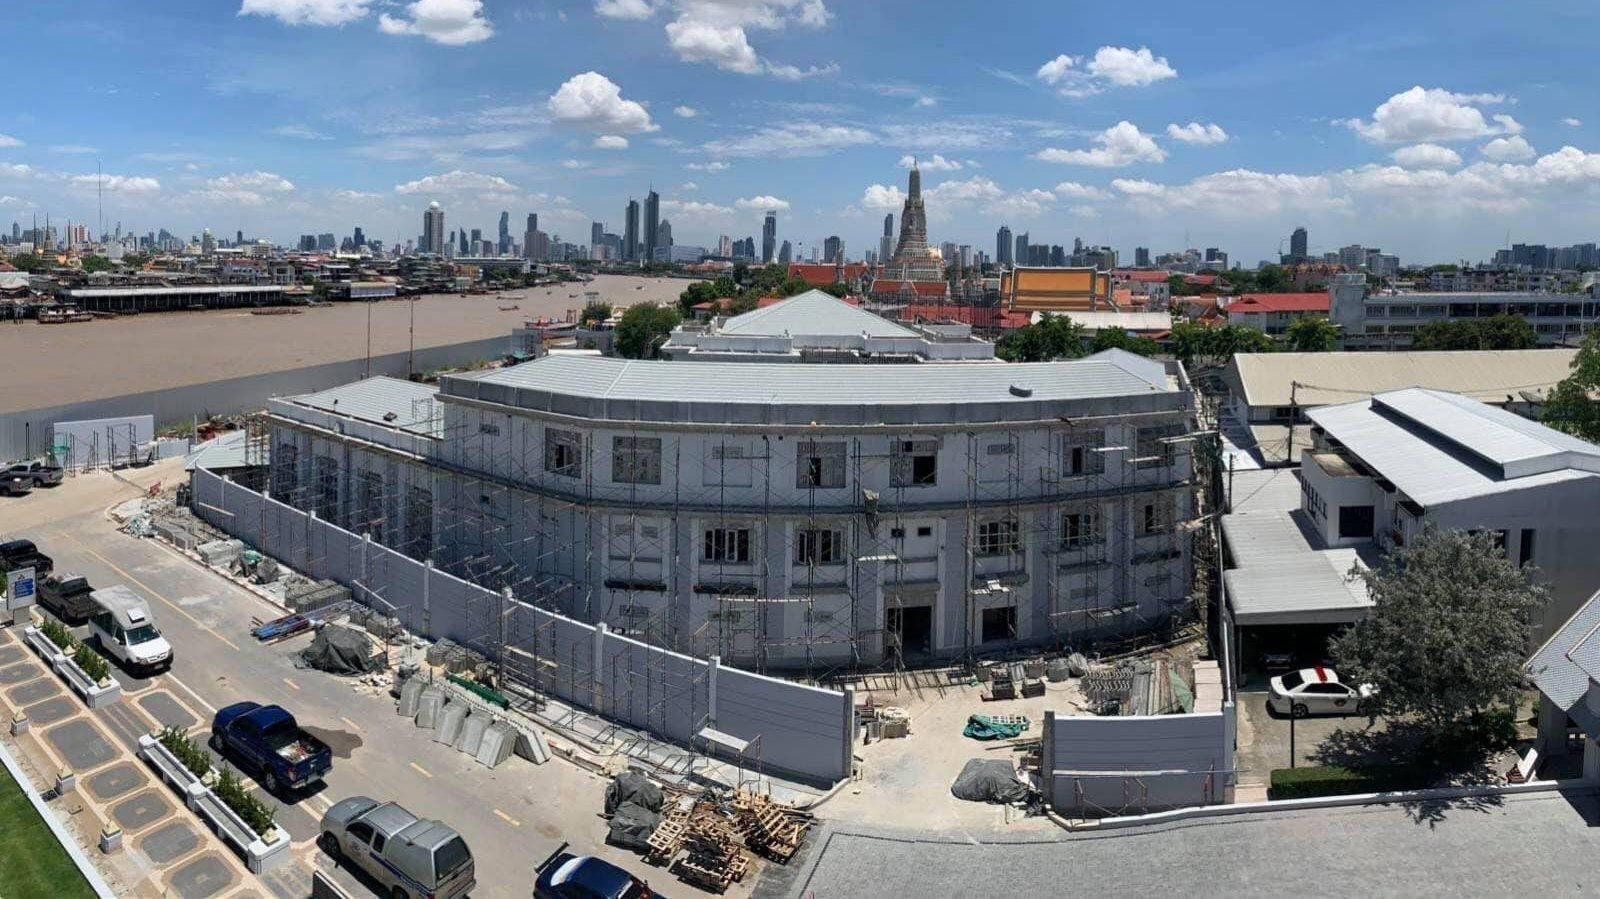 บ้านพักรับรอง ผบ.ทร. 112 ล้าน สร้างไว้ต้อนรับแขกบ้านแขกเมือง